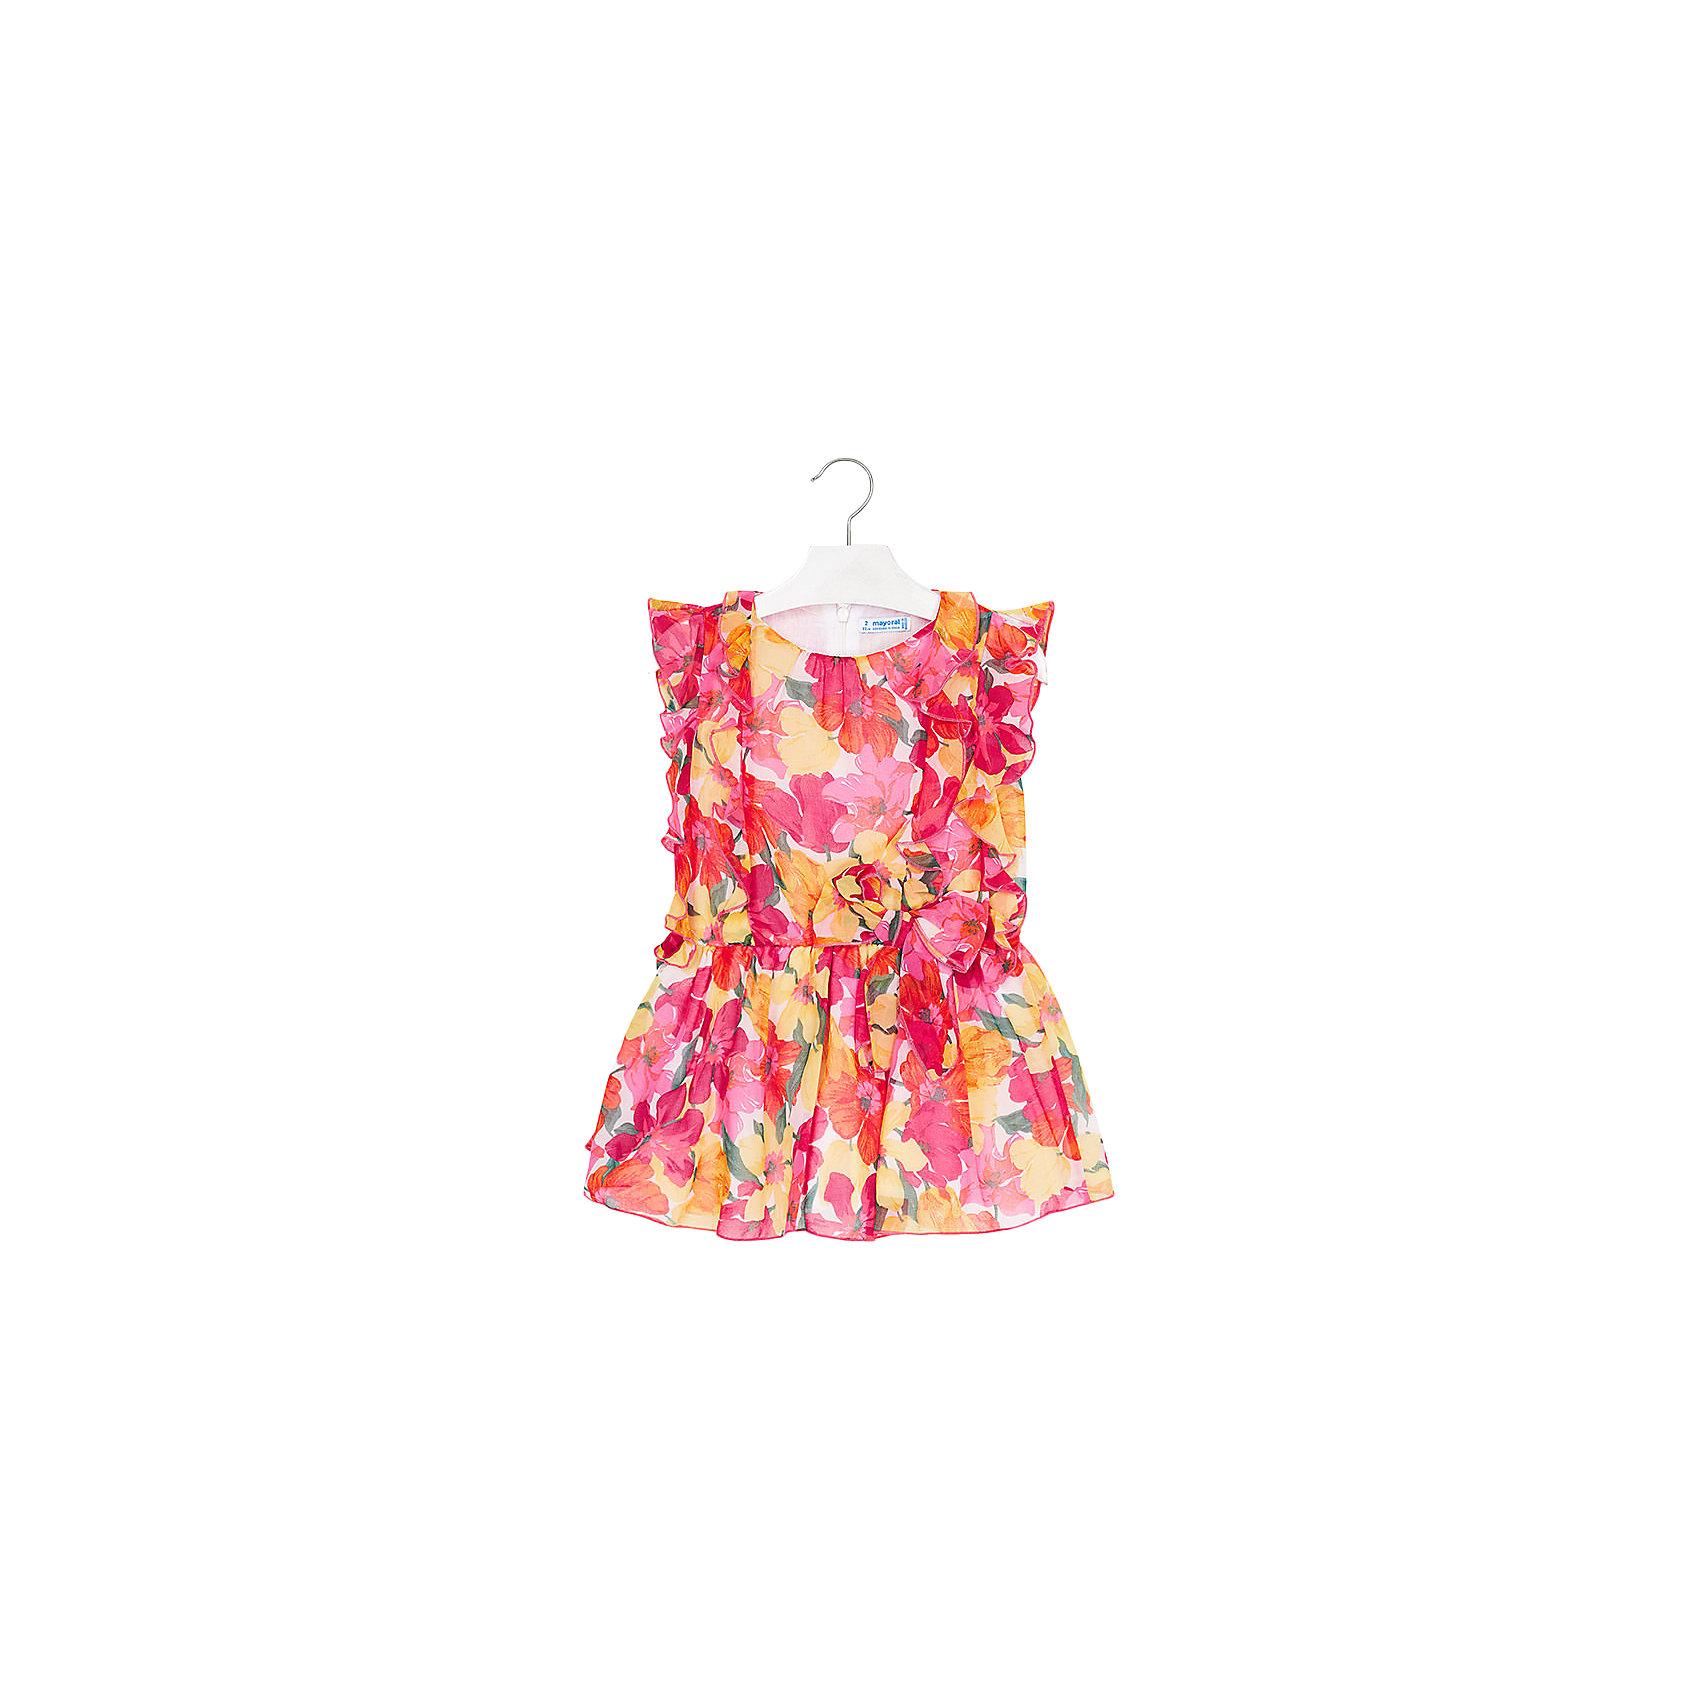 Платье для девочки MayoralХарактеристики товара:<br><br>• цвет: розовый<br>• состав: 70% лён, 30% хлопок, подкладка - 50% полиэстер, 50% хлопок<br>• застежка: молния<br>• складки<br>• украшено ажурным рисунком на подоле<br>• без рукавов<br>• с подкладкой<br>• страна бренда: Испания<br><br>Красивое легкое платье для девочки поможет разнообразить гардероб ребенка и создать эффектный наряд. Оно подойдет и для торжественных случаев, может быть и как ежедневный наряд. Красивый оттенок позволяет подобрать к вещи обувь разных расцветок. В составе материала - натуральный хлопок, гипоаллергенный, приятный на ощупь, дышащий. Платье хорошо сидит по фигуре.<br><br>Одежда, обувь и аксессуары от испанского бренда Mayoral полюбились детям и взрослым по всему миру. Модели этой марки - стильные и удобные. Для их производства используются только безопасные, качественные материалы и фурнитура. Порадуйте ребенка модными и красивыми вещами от Mayoral! <br><br>Платье для девочки от испанского бренда Mayoral (Майорал) можно купить в нашем интернет-магазине.<br><br>Ширина мм: 236<br>Глубина мм: 16<br>Высота мм: 184<br>Вес г: 177<br>Цвет: разноцветный<br>Возраст от месяцев: 60<br>Возраст до месяцев: 72<br>Пол: Женский<br>Возраст: Детский<br>Размер: 116,122,128,134,92,98,104,110<br>SKU: 5291024